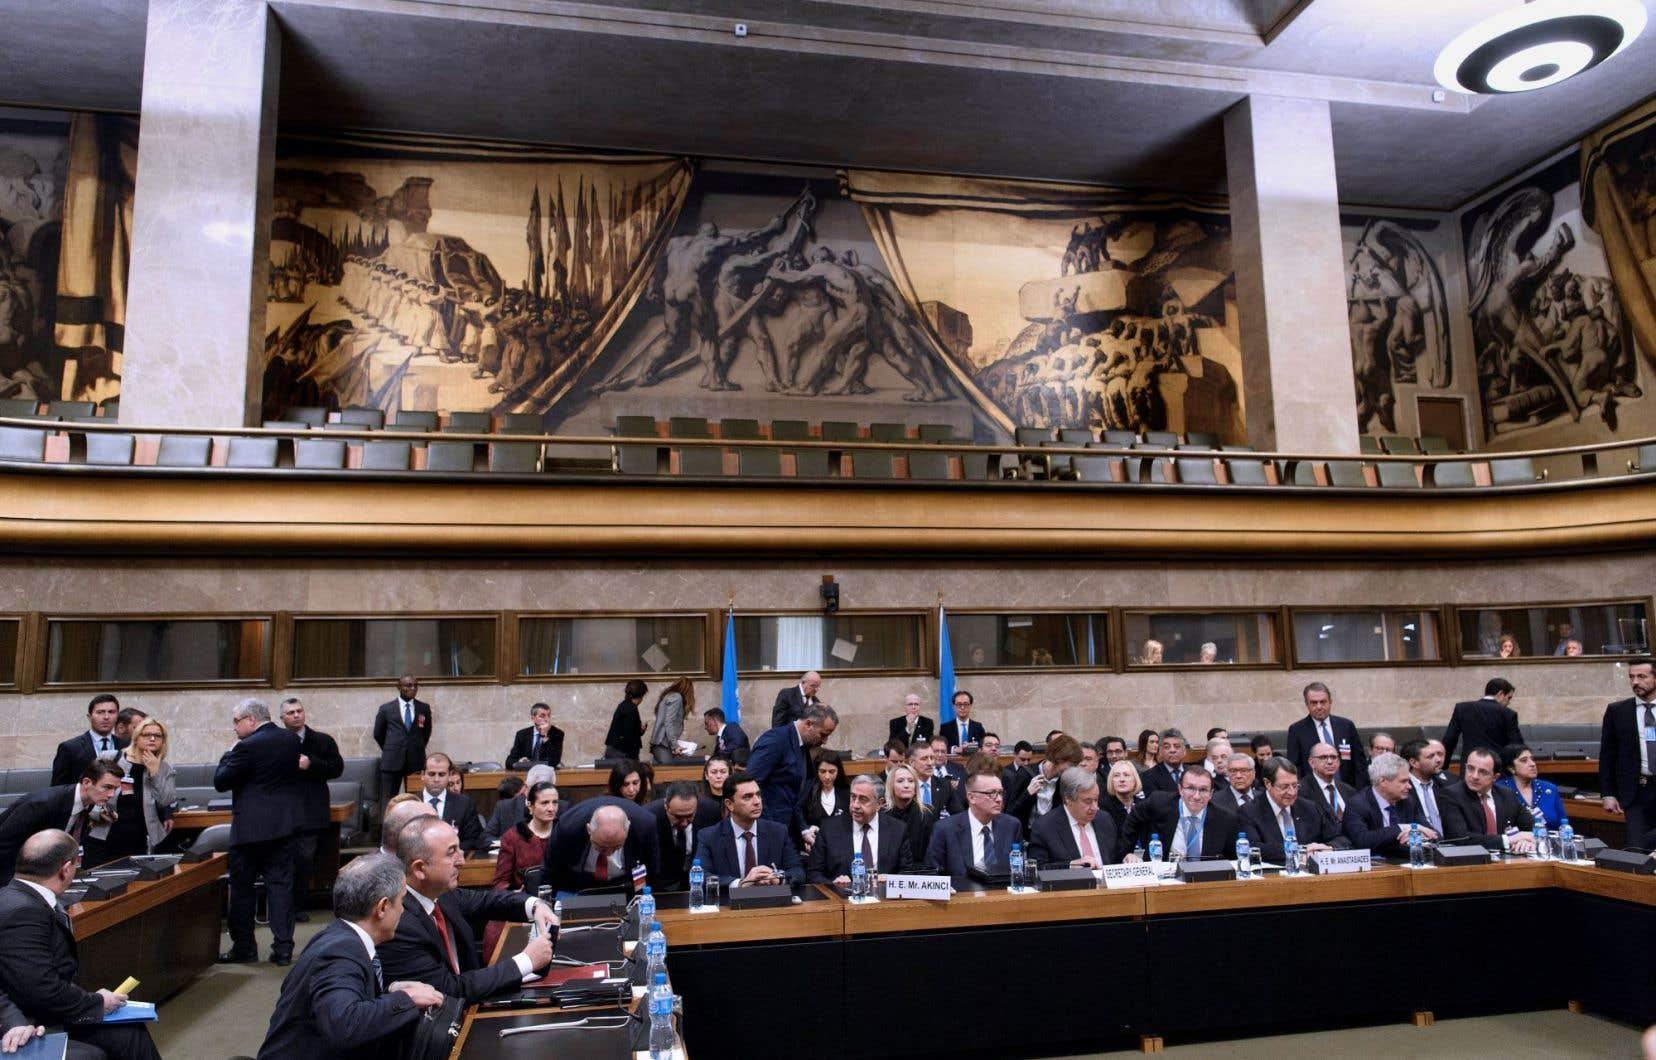 <p>Cette Conférence <em>«historique»</em>a été convoquée à l'issue de trois jours d'intenses négociations entre les dirigeants des deux communautés chypriotes sous l'égide de l'ONU.</p>